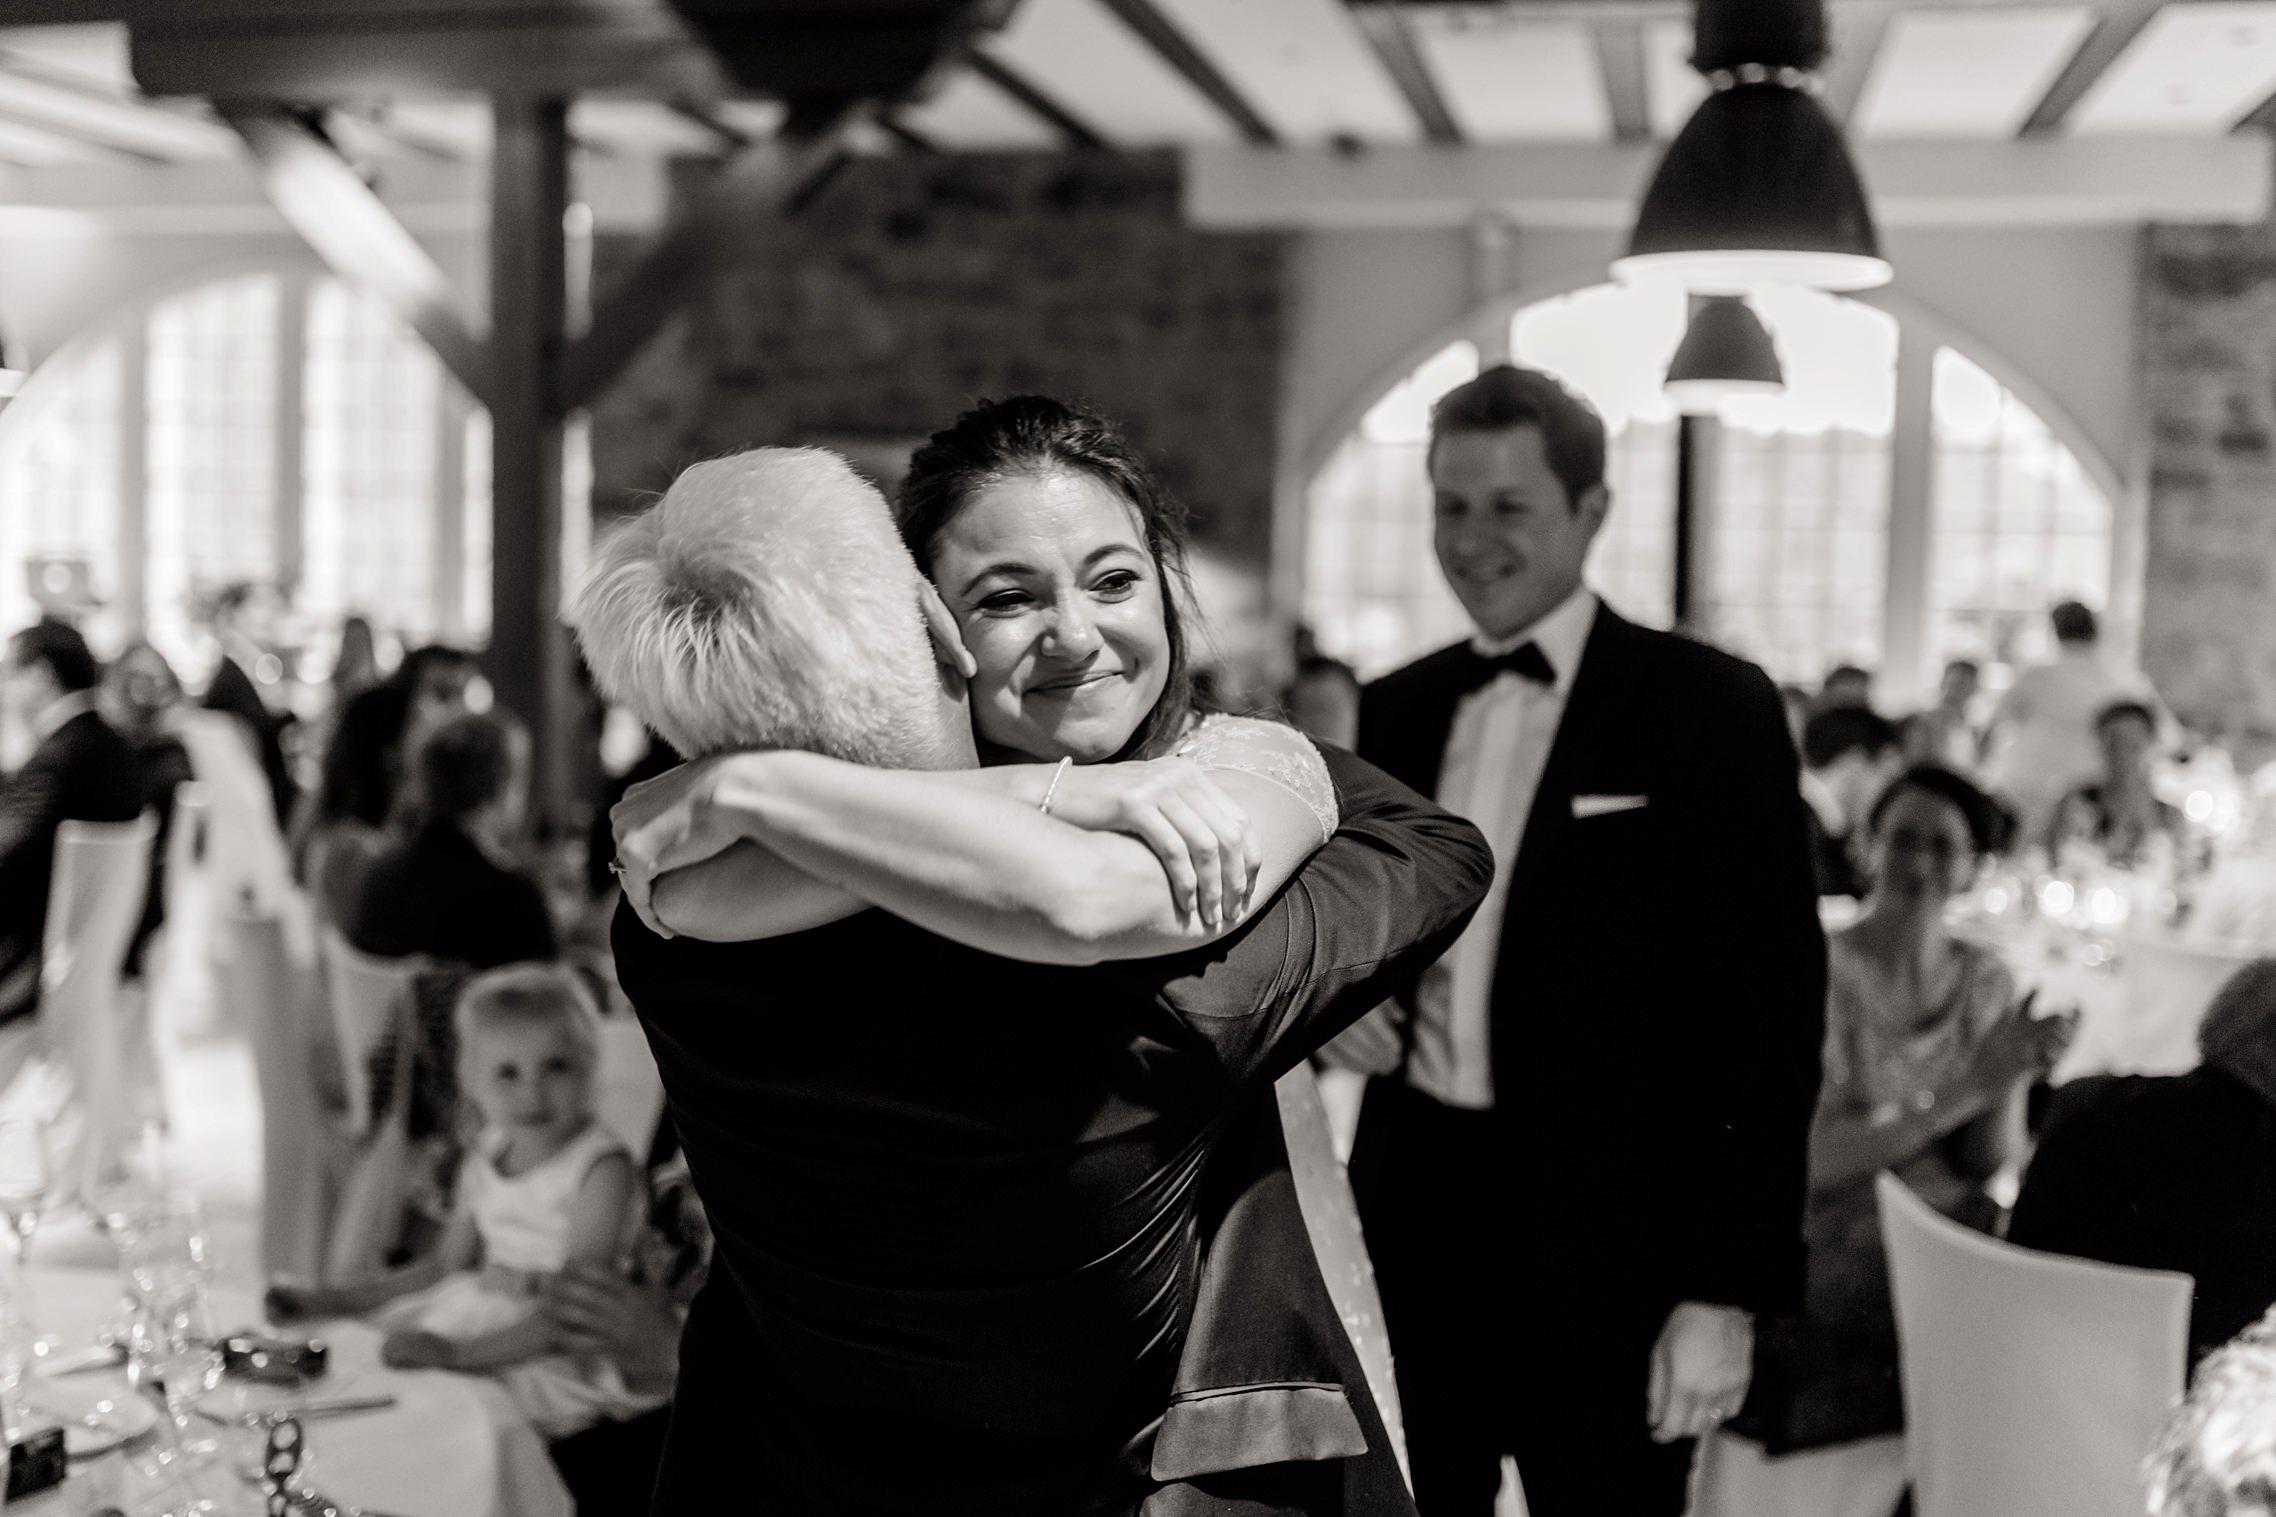 Die Braut bedankt sich bei ihrem Vater für die bewegende Rede.